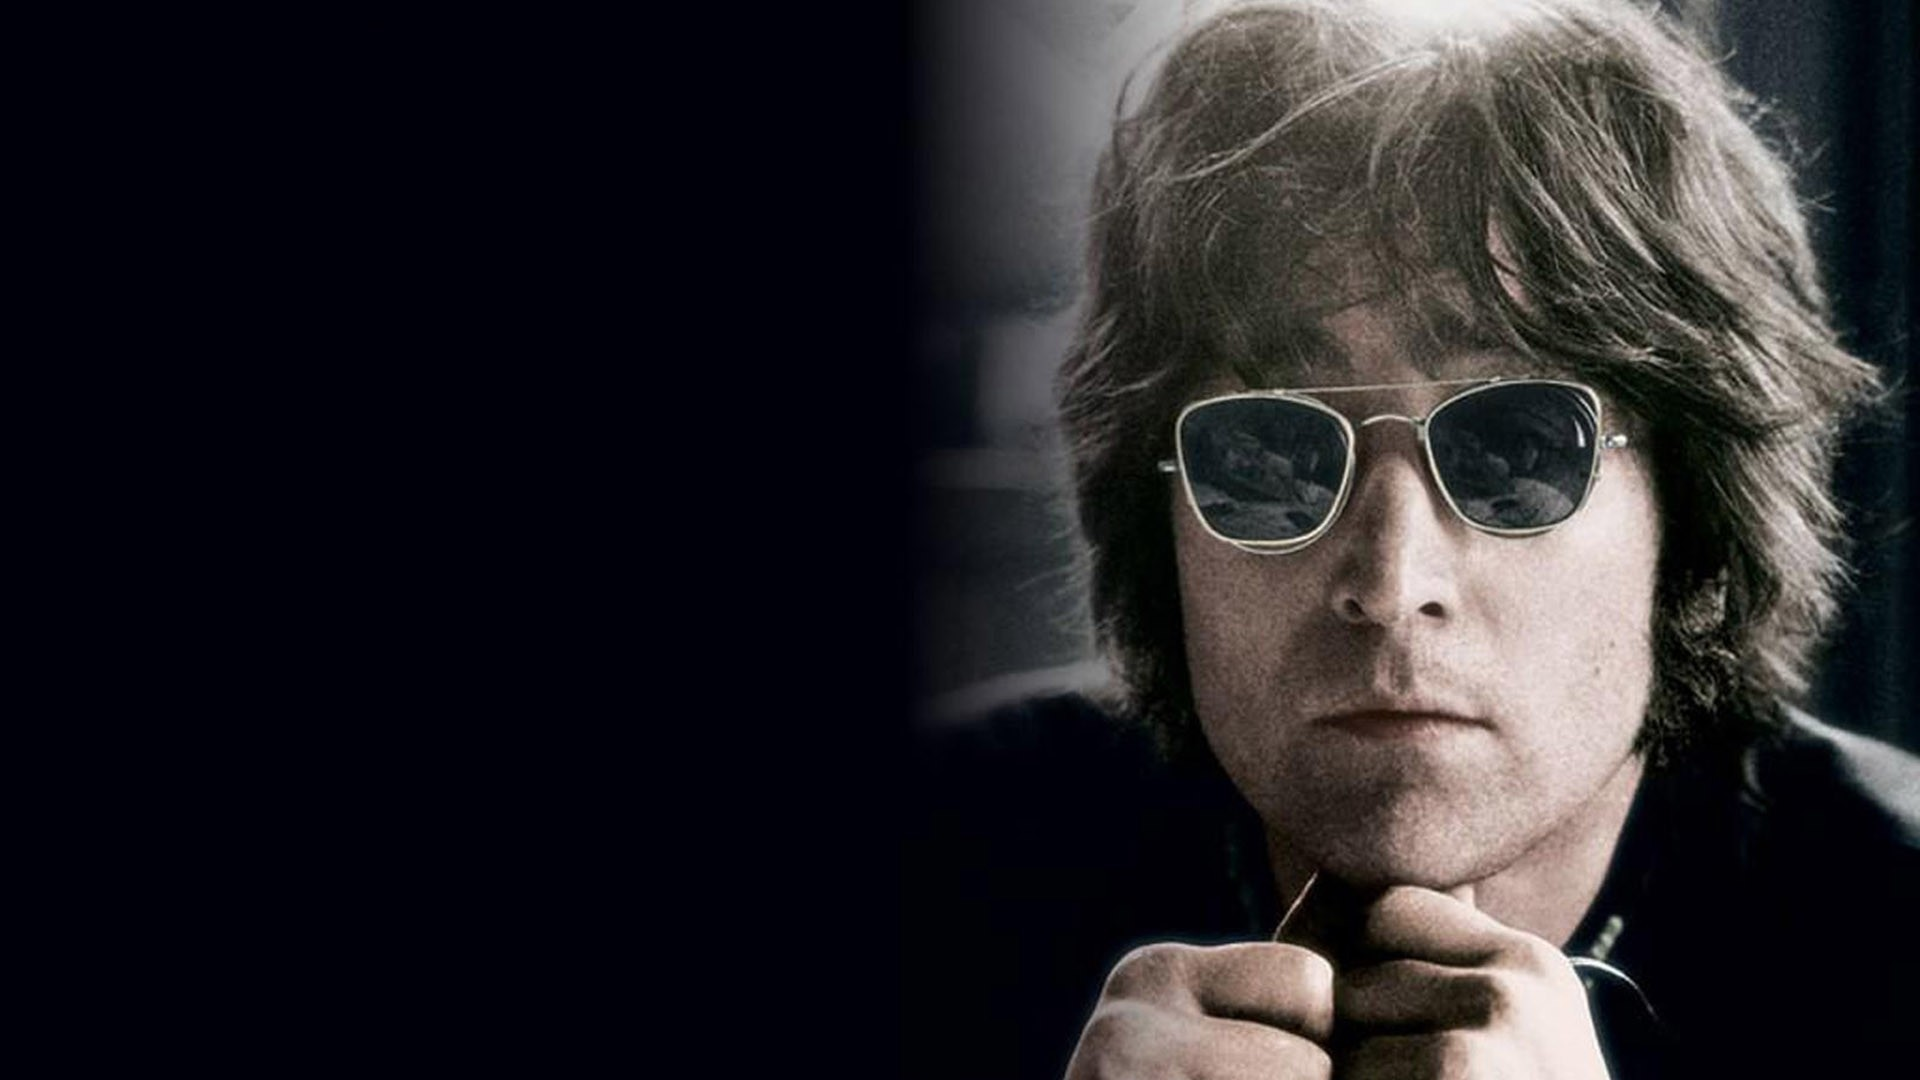 John Lennon wallpaper download